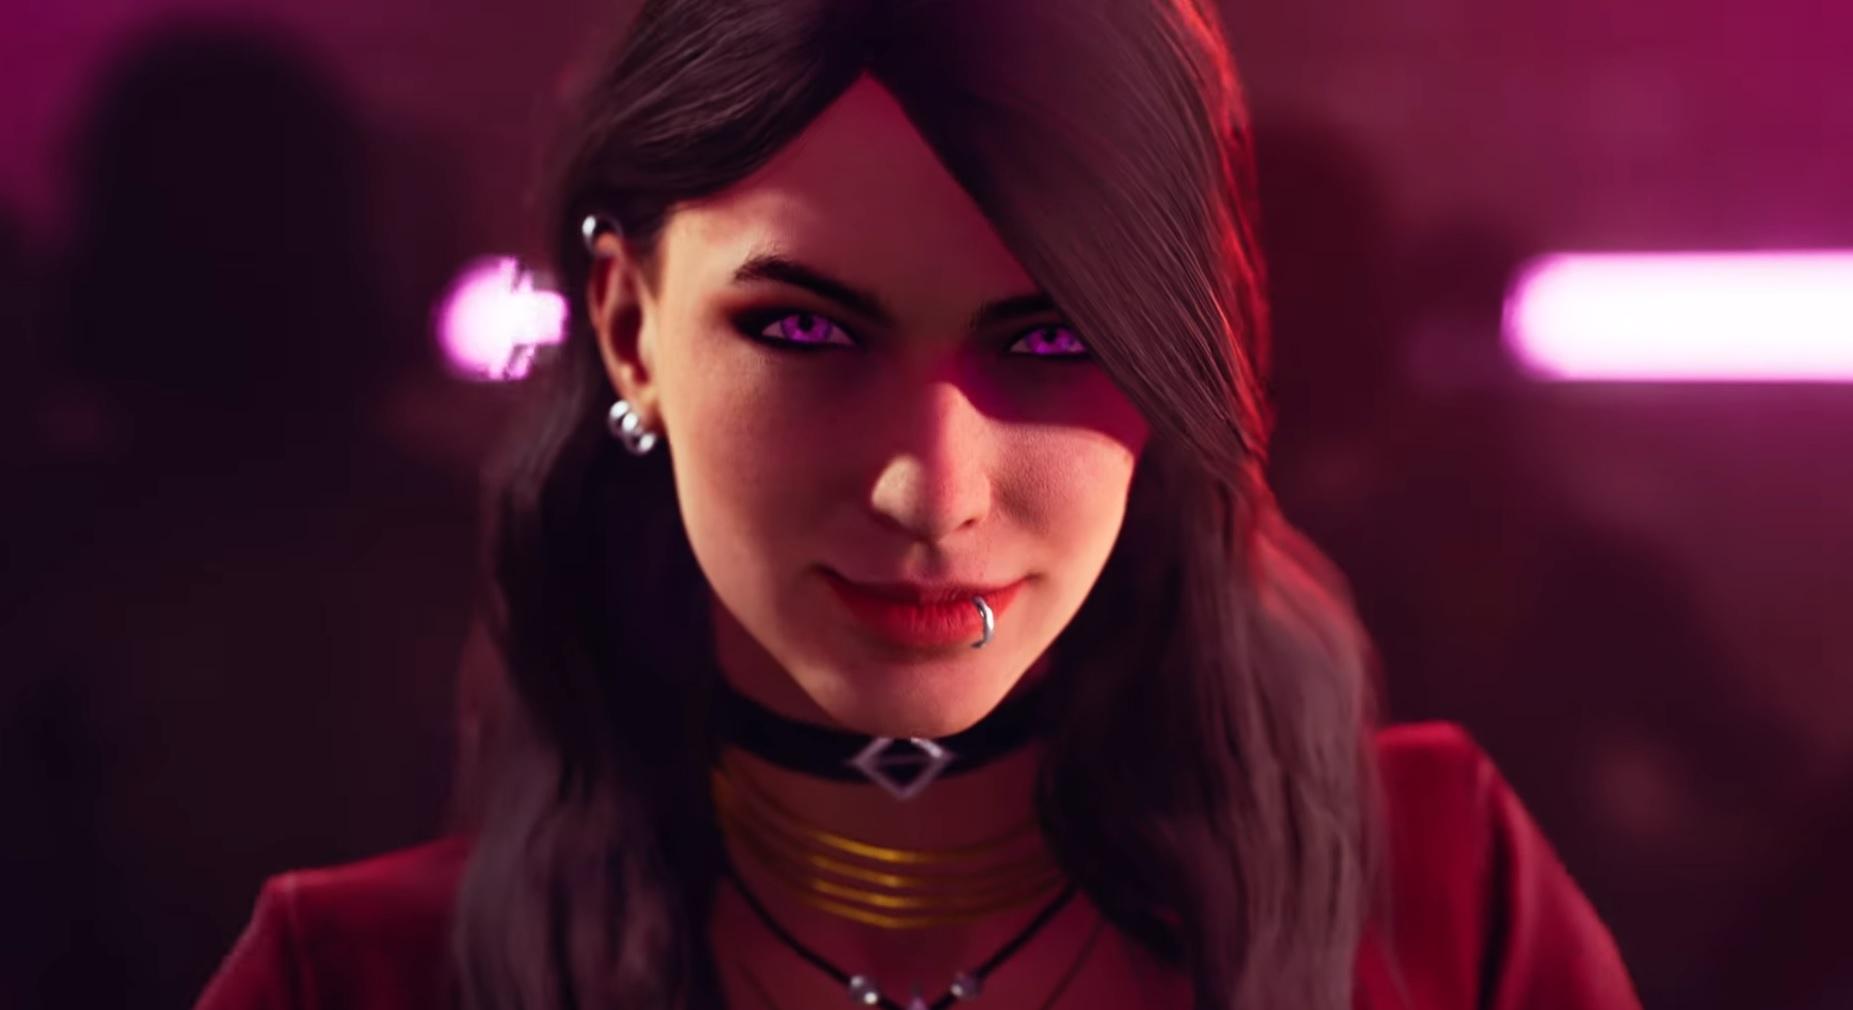 《吸血鬼:避世血族2》解雇叙事设计师、创意总监 (1)